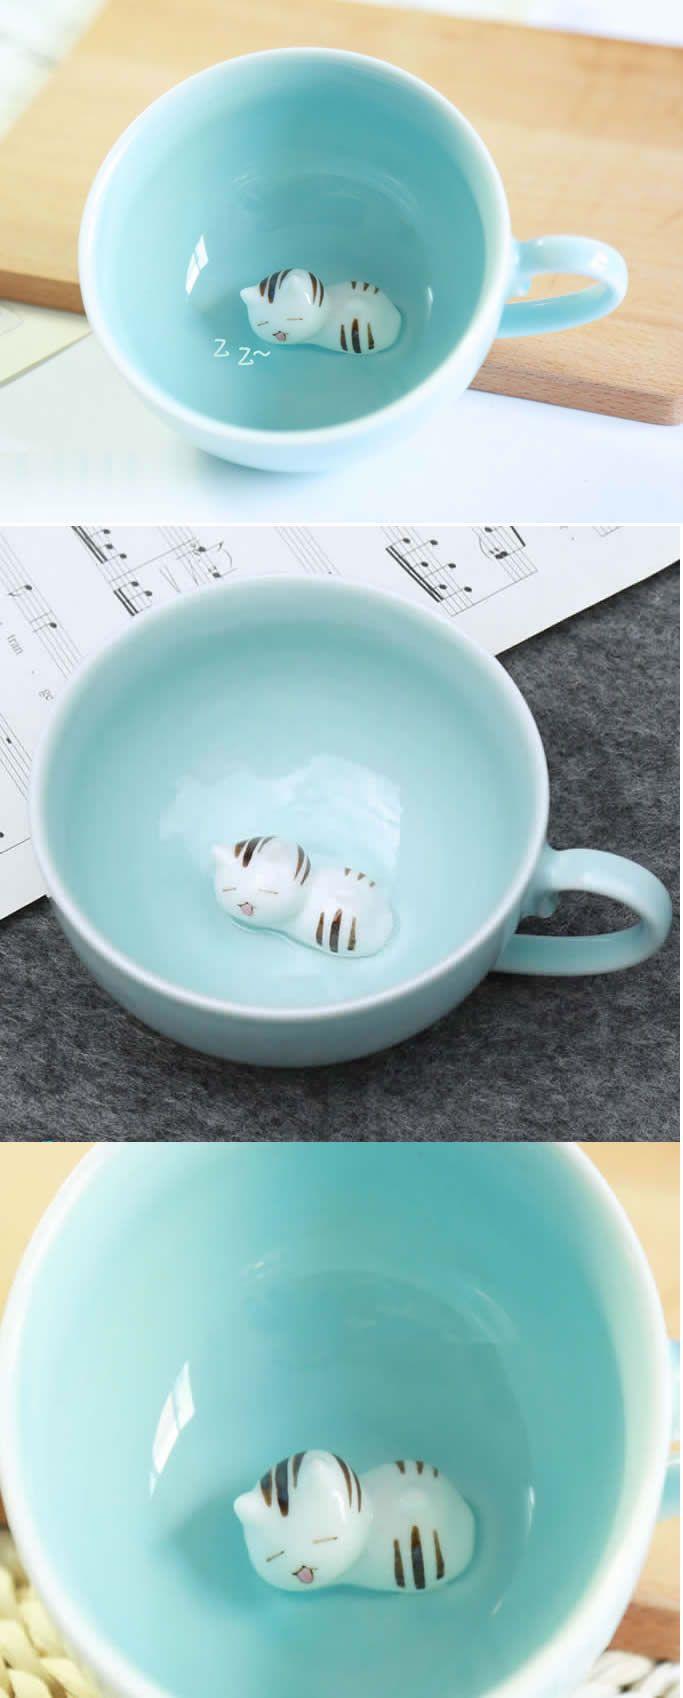 Cute Cat Figurine Ceramic Coffee Cup